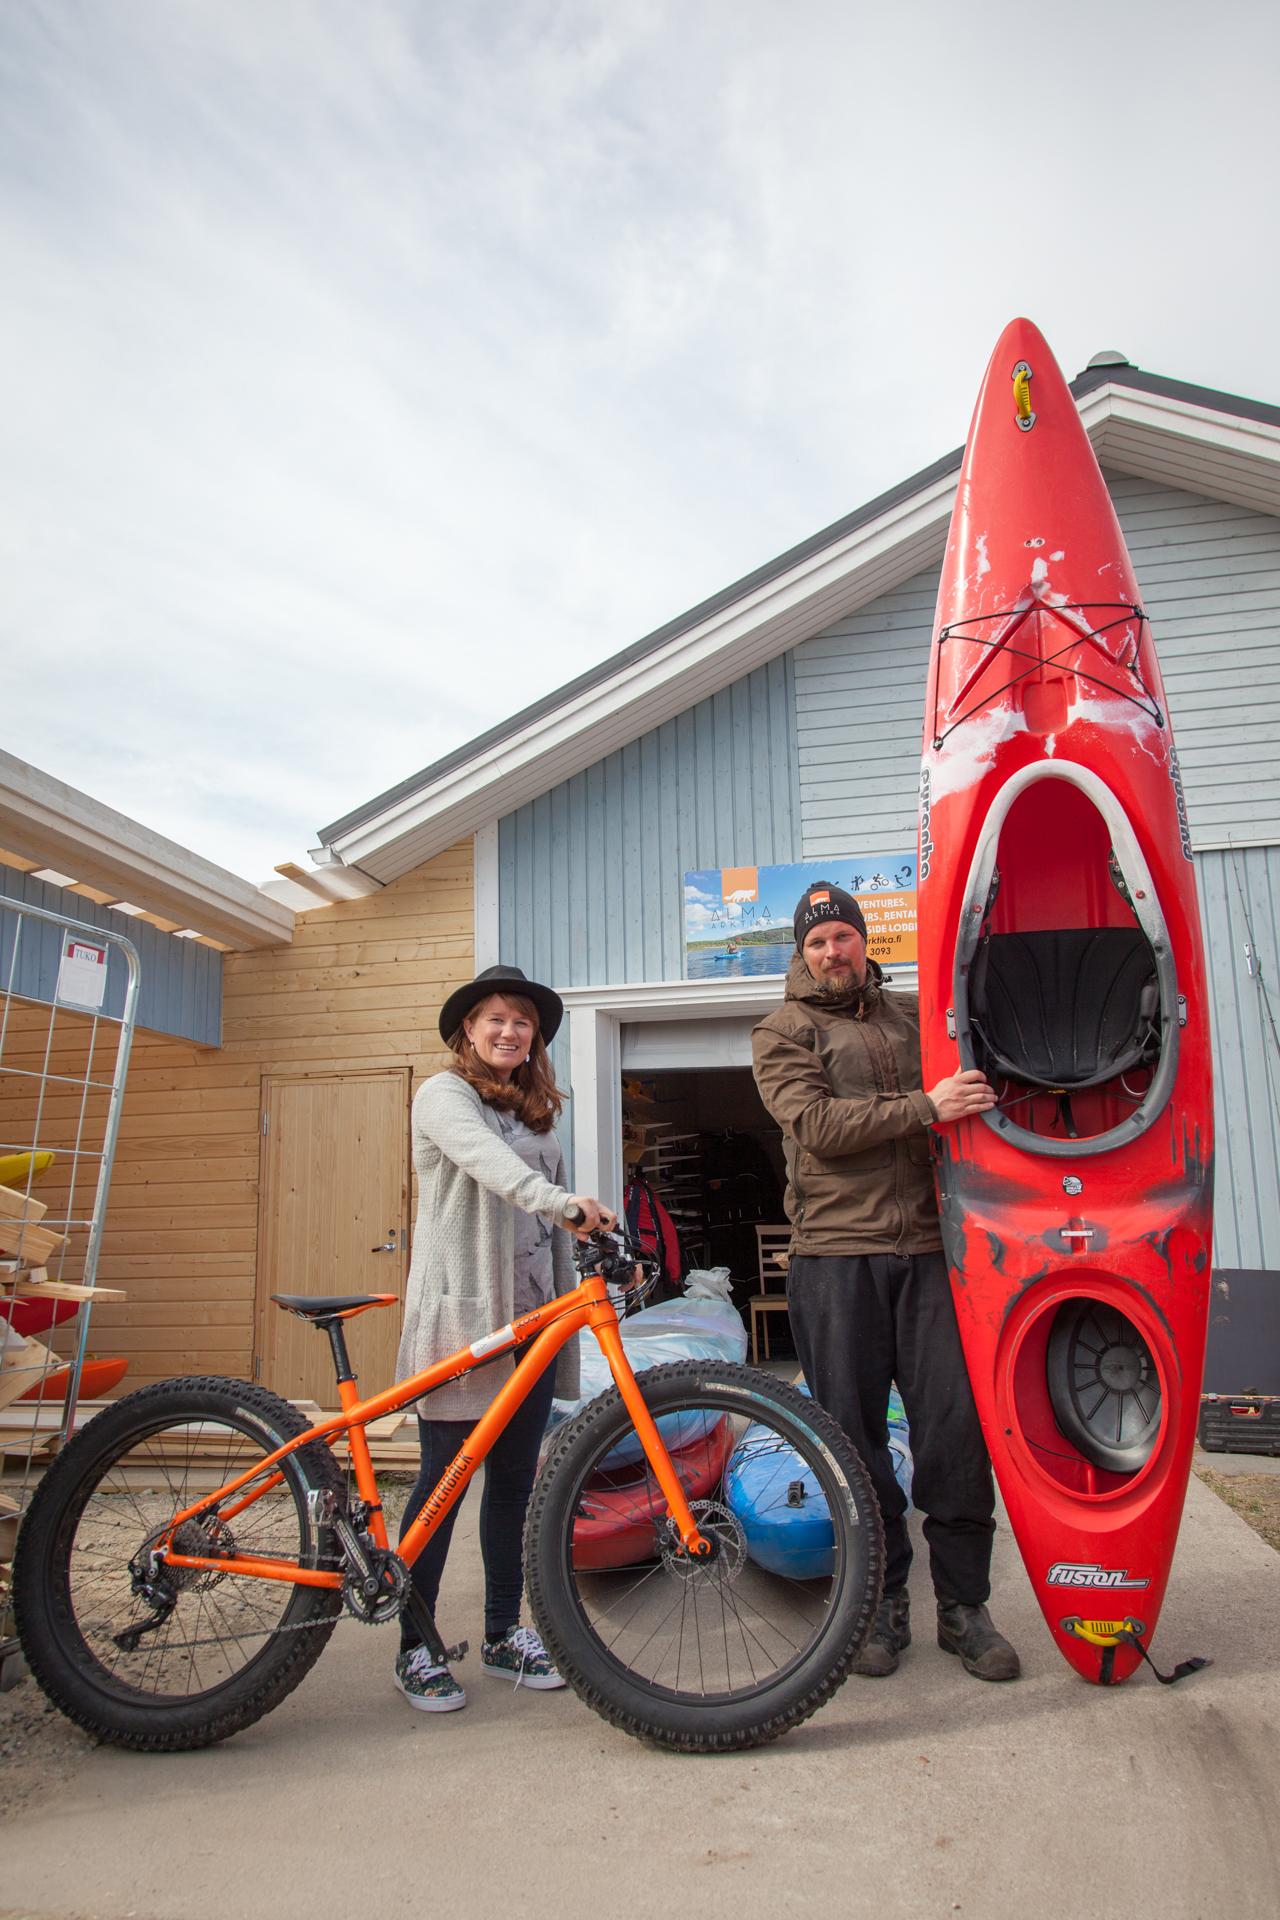 Reetta Koski ja Hannu Holmberg esittelevät kesän tärkeimpiä työkalujaan. Nuorgamista meloo helposti jäämerelle, ja läskipyörä on oiva väline Kaldoaivin erämaassa seikkailuun.